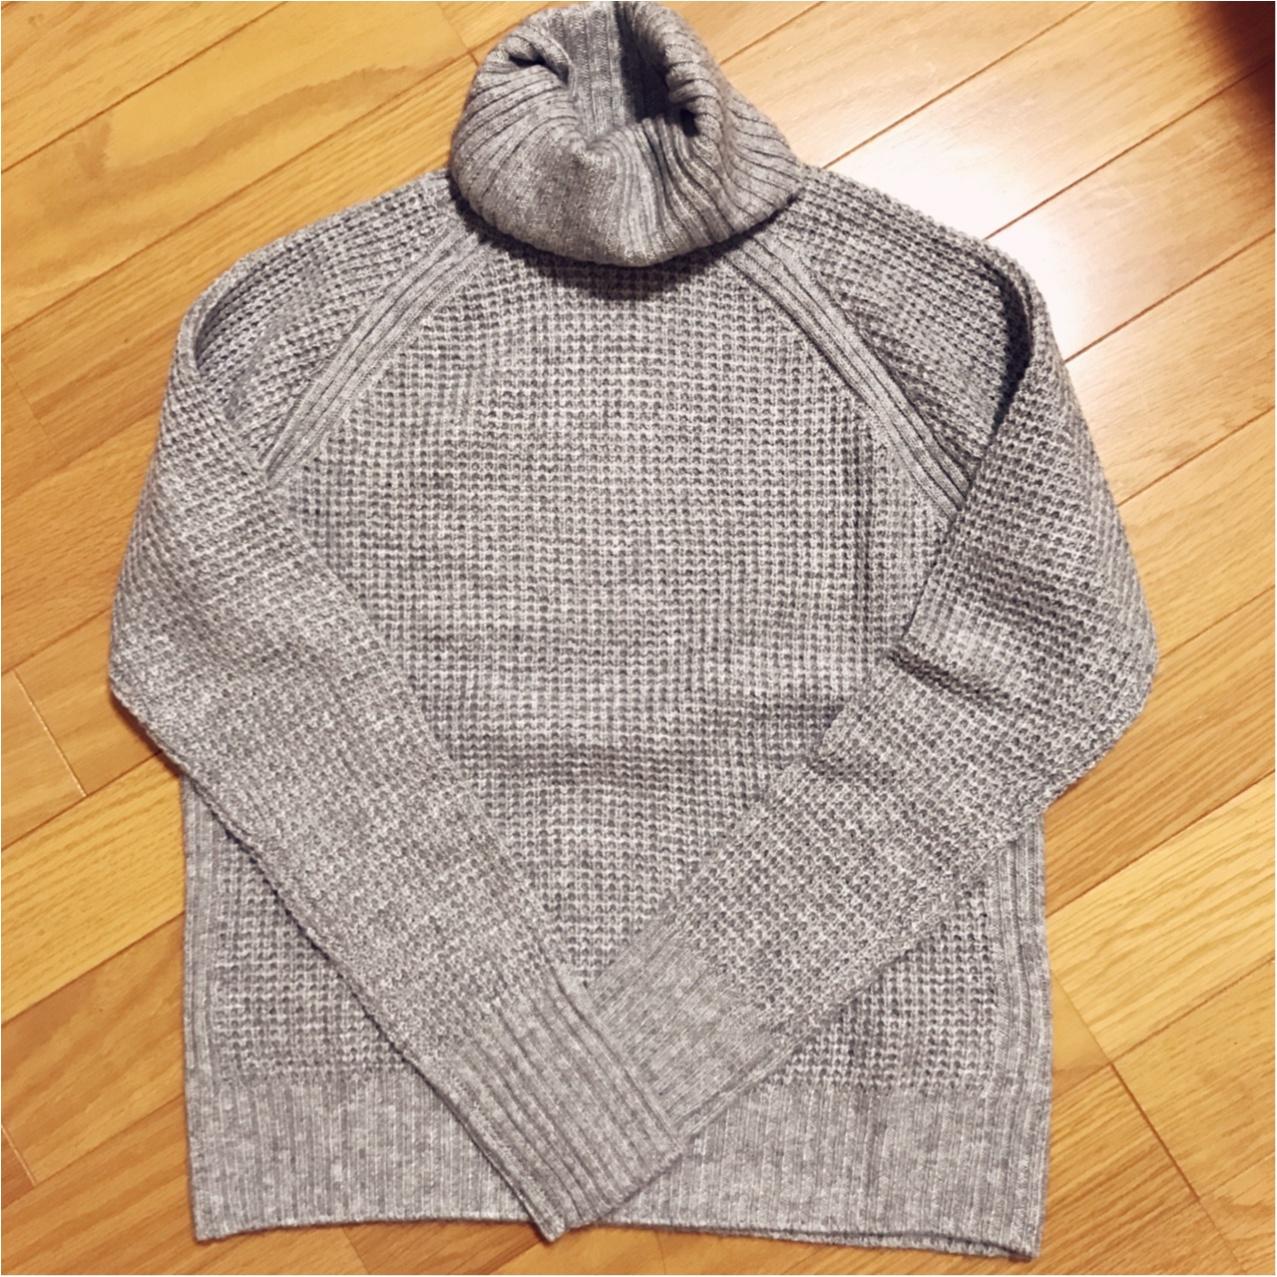 UNIQLOの《カシミヤブレンドタートルネックセーター》がプチプラなのに優秀すぎる♡_1